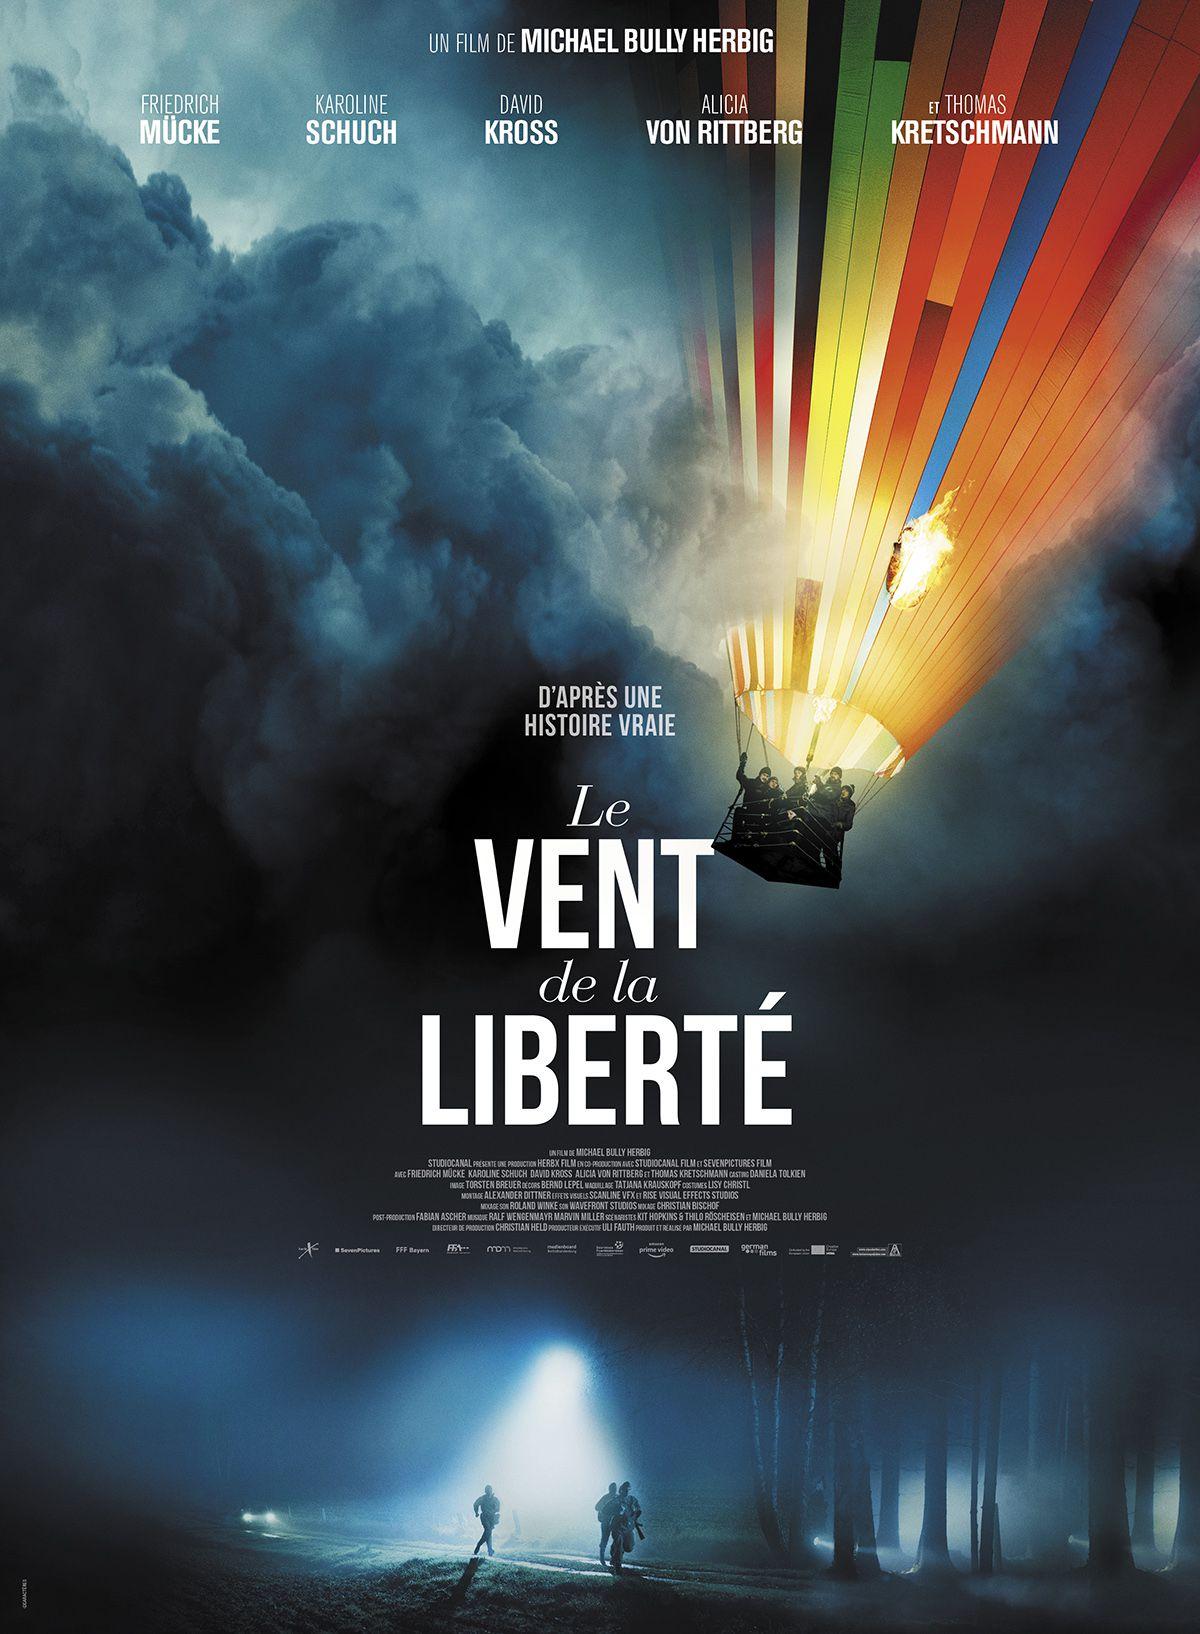 Le Vent de la liberté - Film (2019)